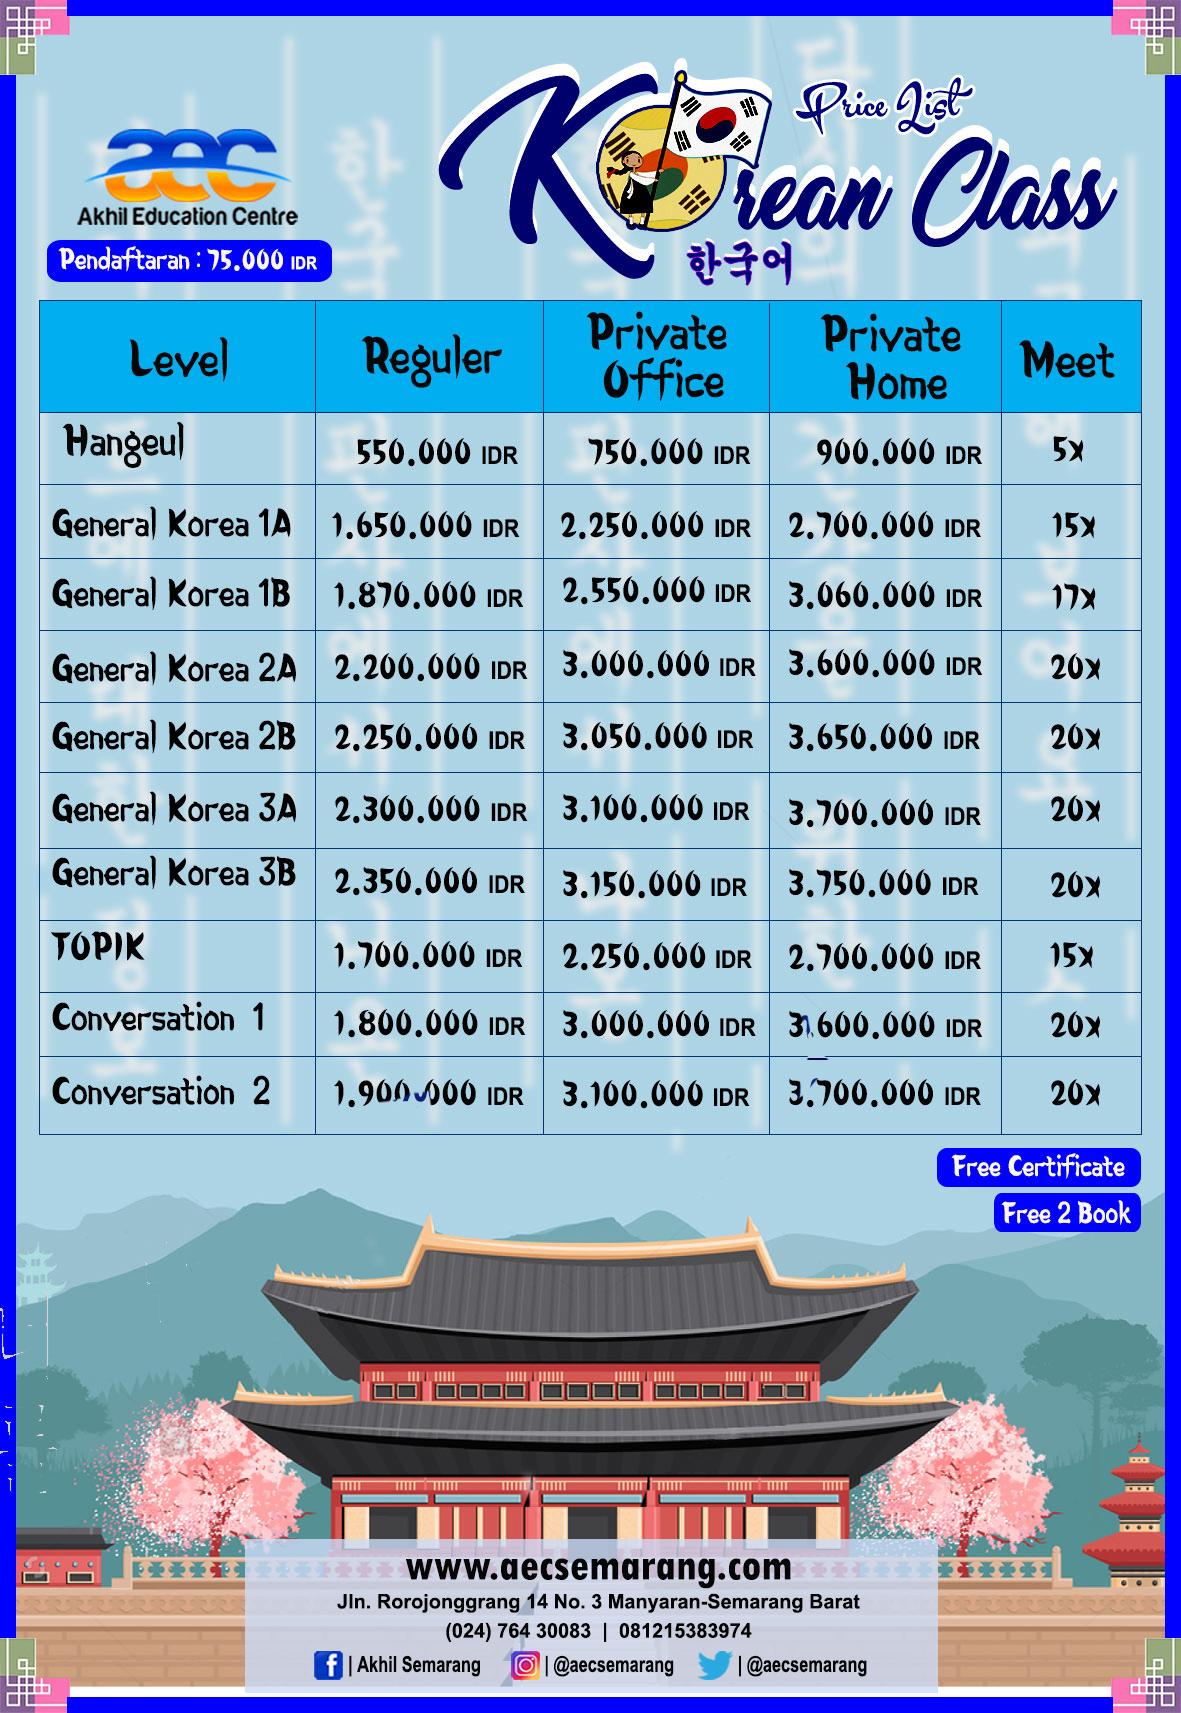 Daftar Biaya Kursus Bahasa Korea 2020 Kursus Bahasa Mandarin Bahasa Mandarin Semarang Kursus Bahasa Mandarin Semarang Kursus Bahasa Mandarin Semarang 2020